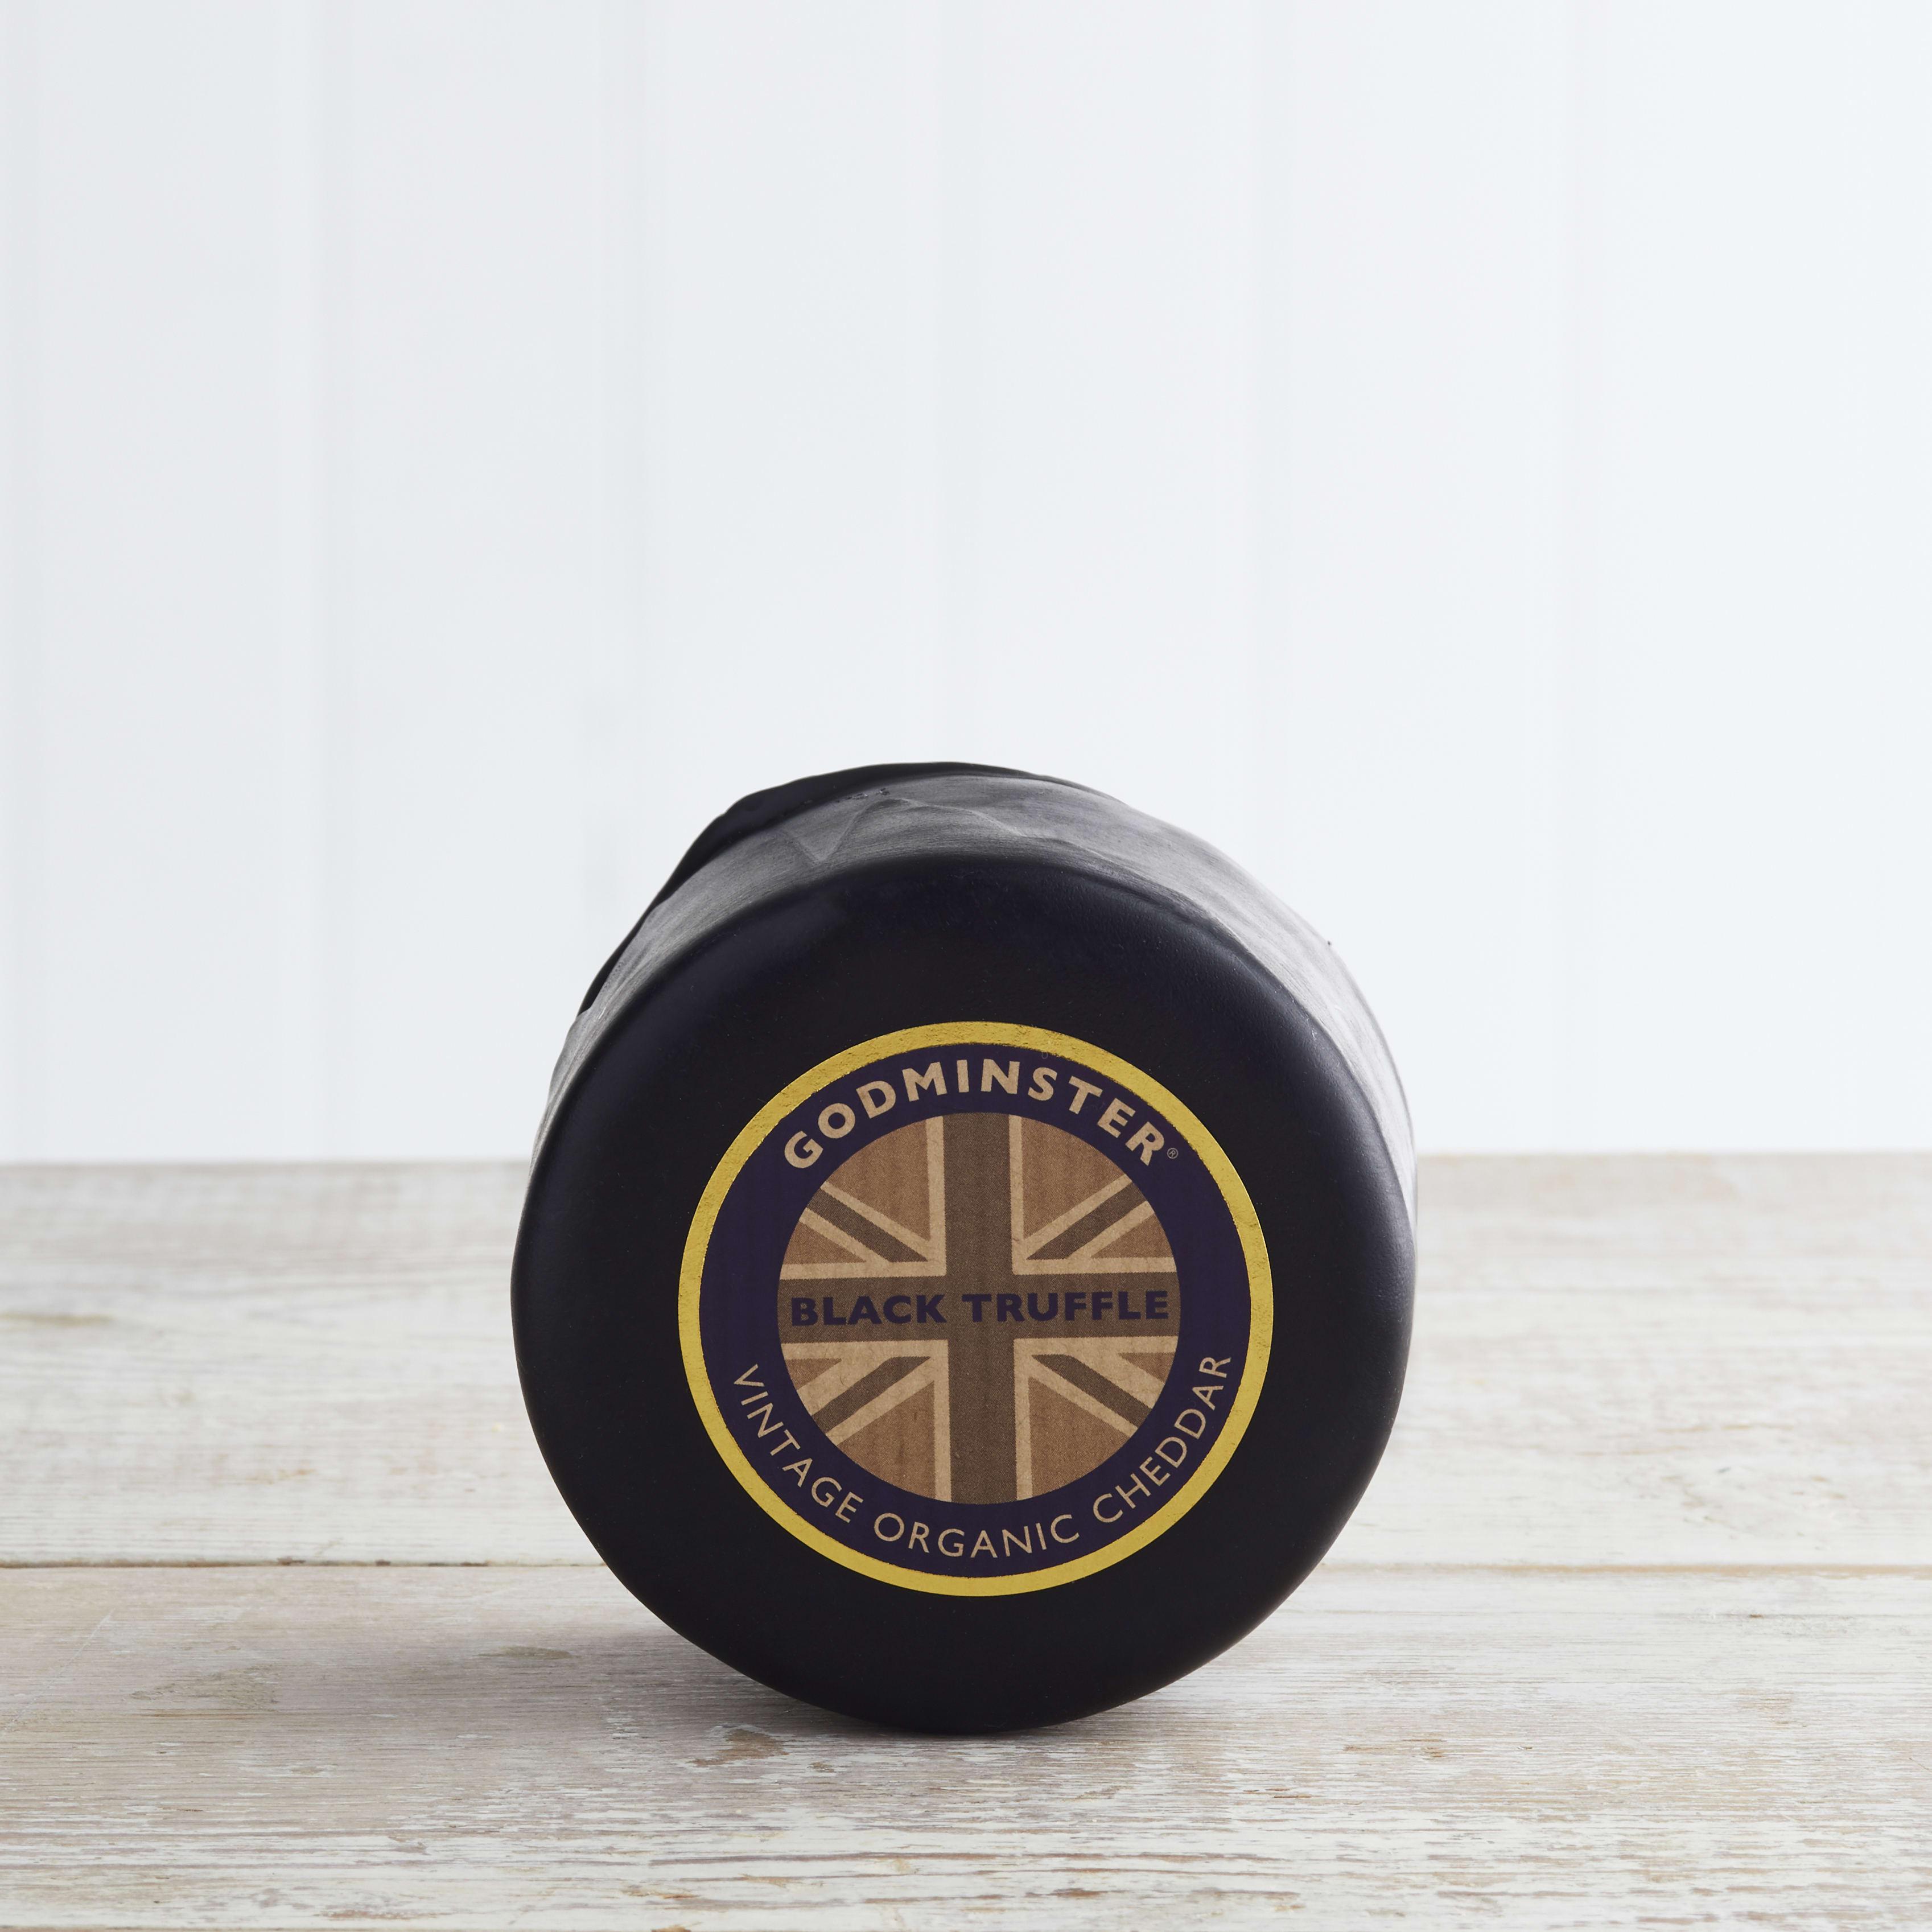 Godminster Black Truffle Organic Cheddar, 200g